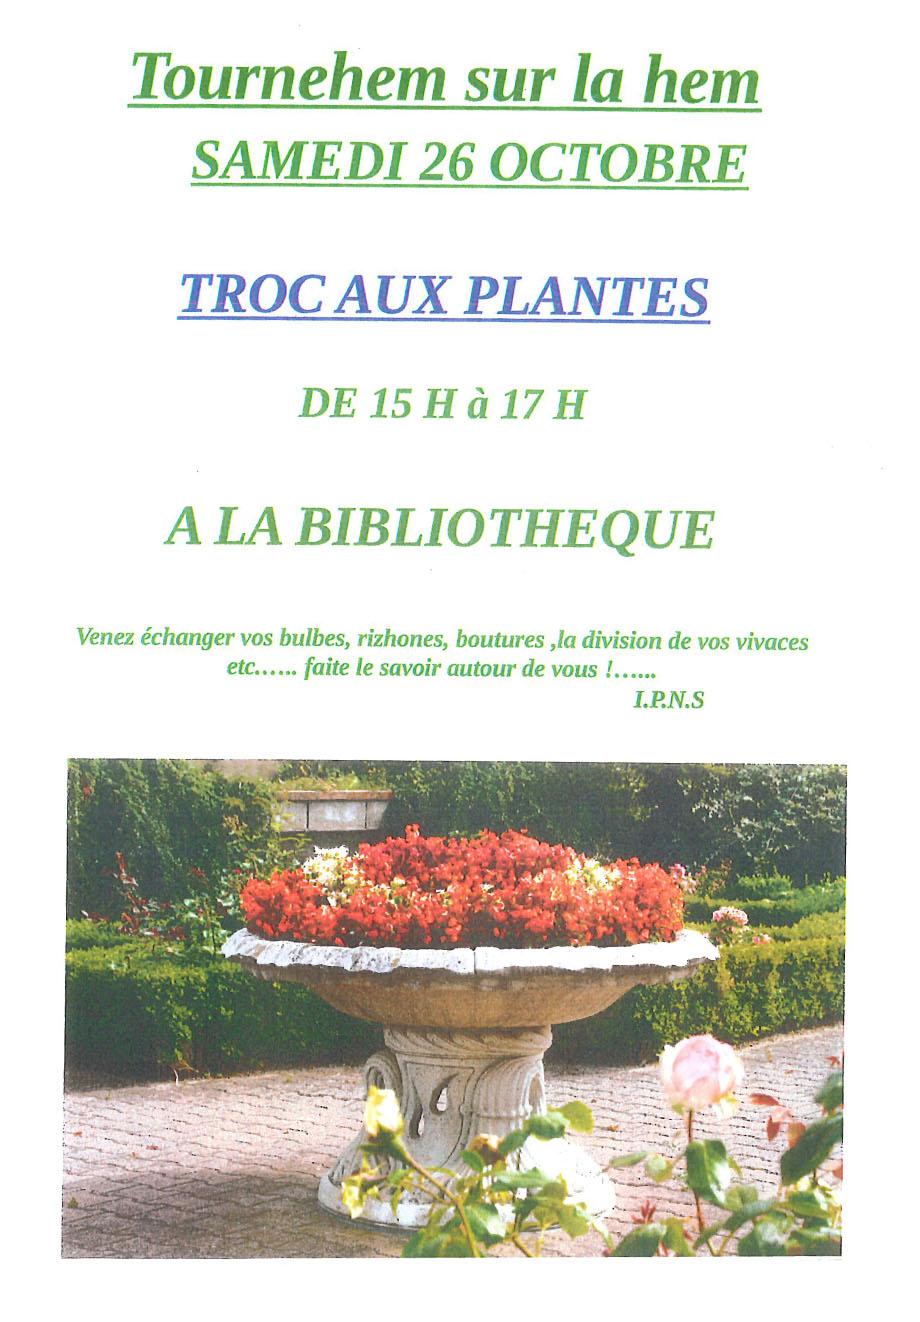 Troc aux plantes 1